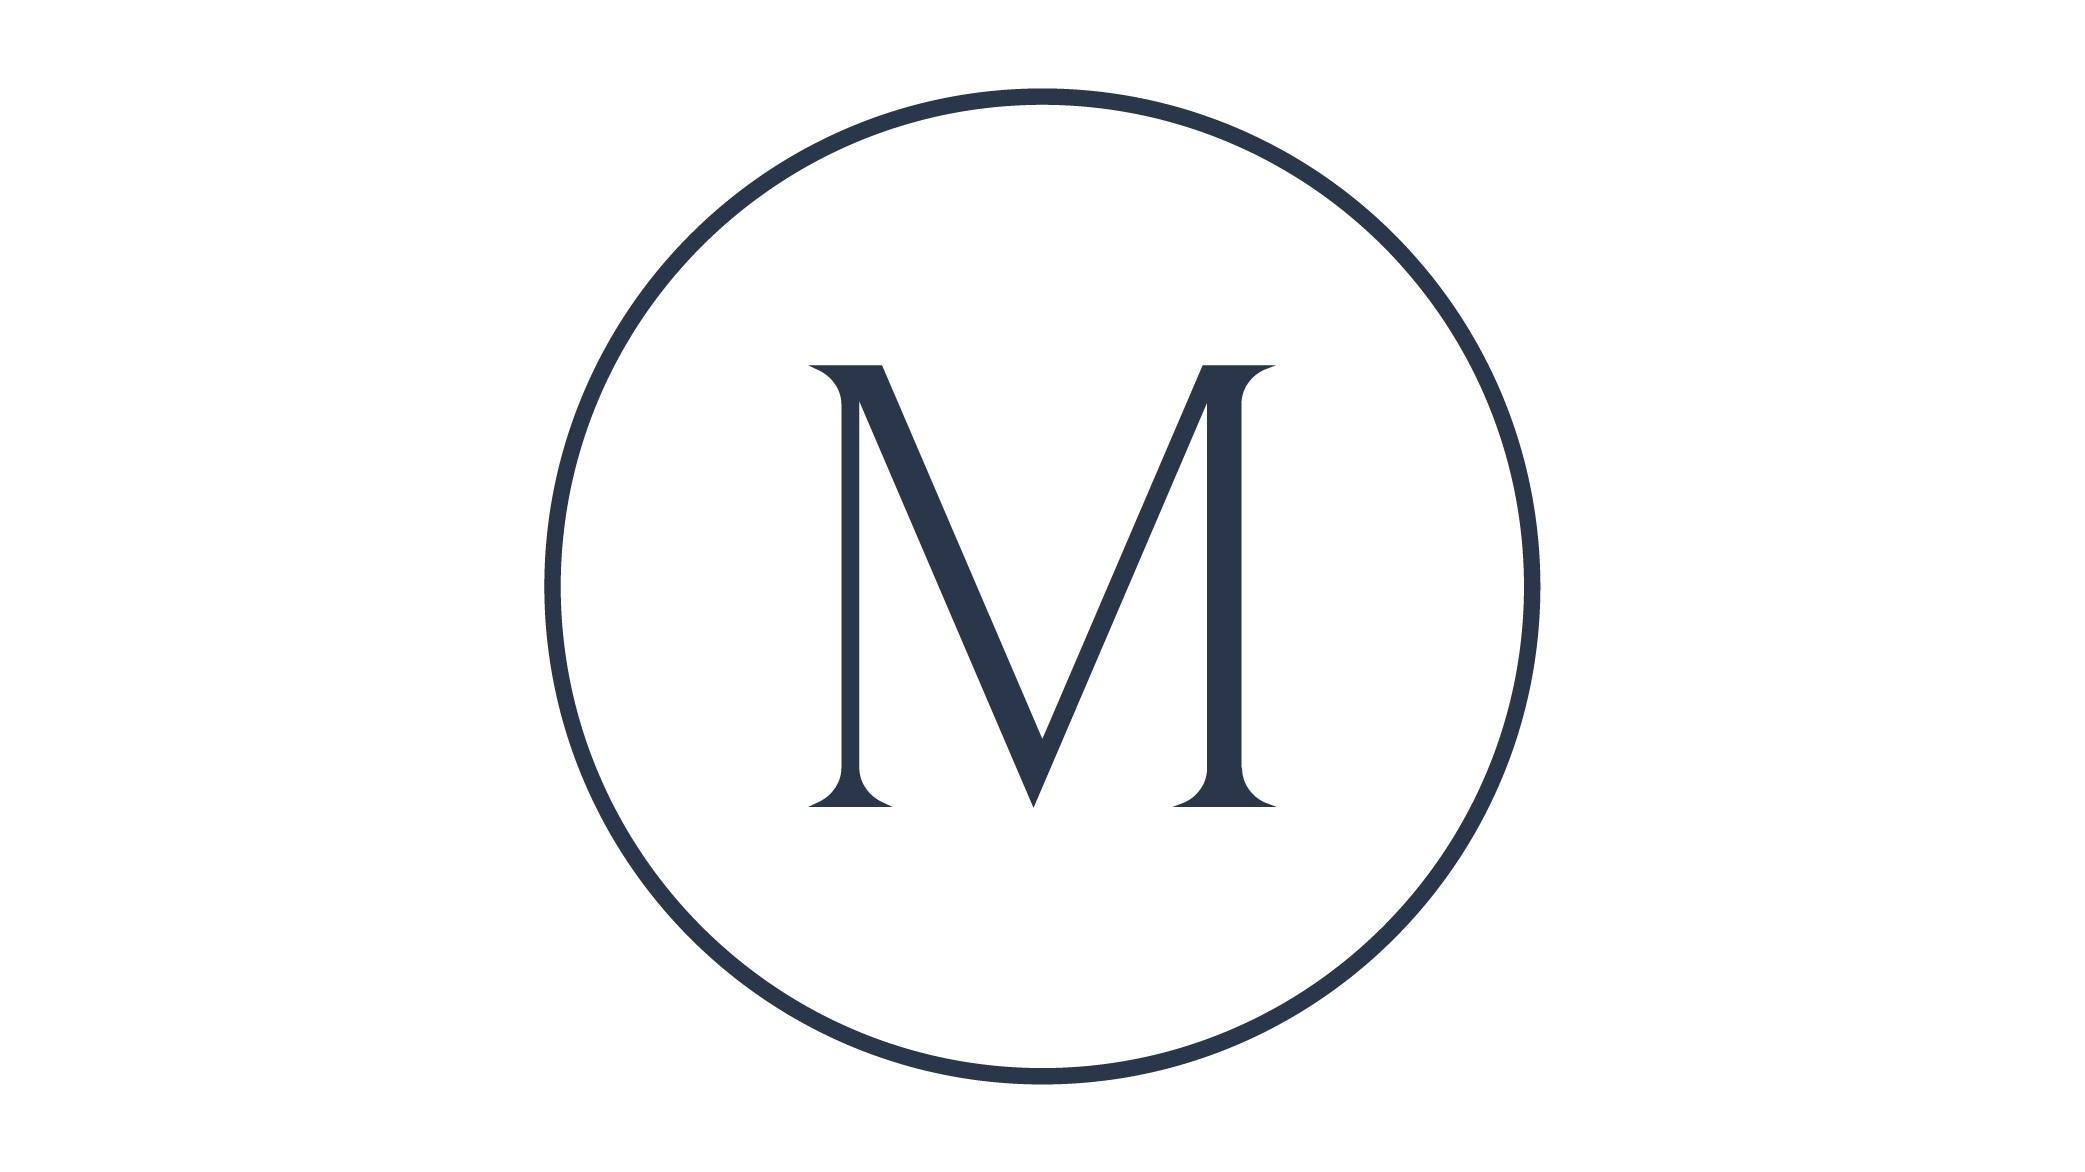 MD-Logos_circle_navy_small.jpg